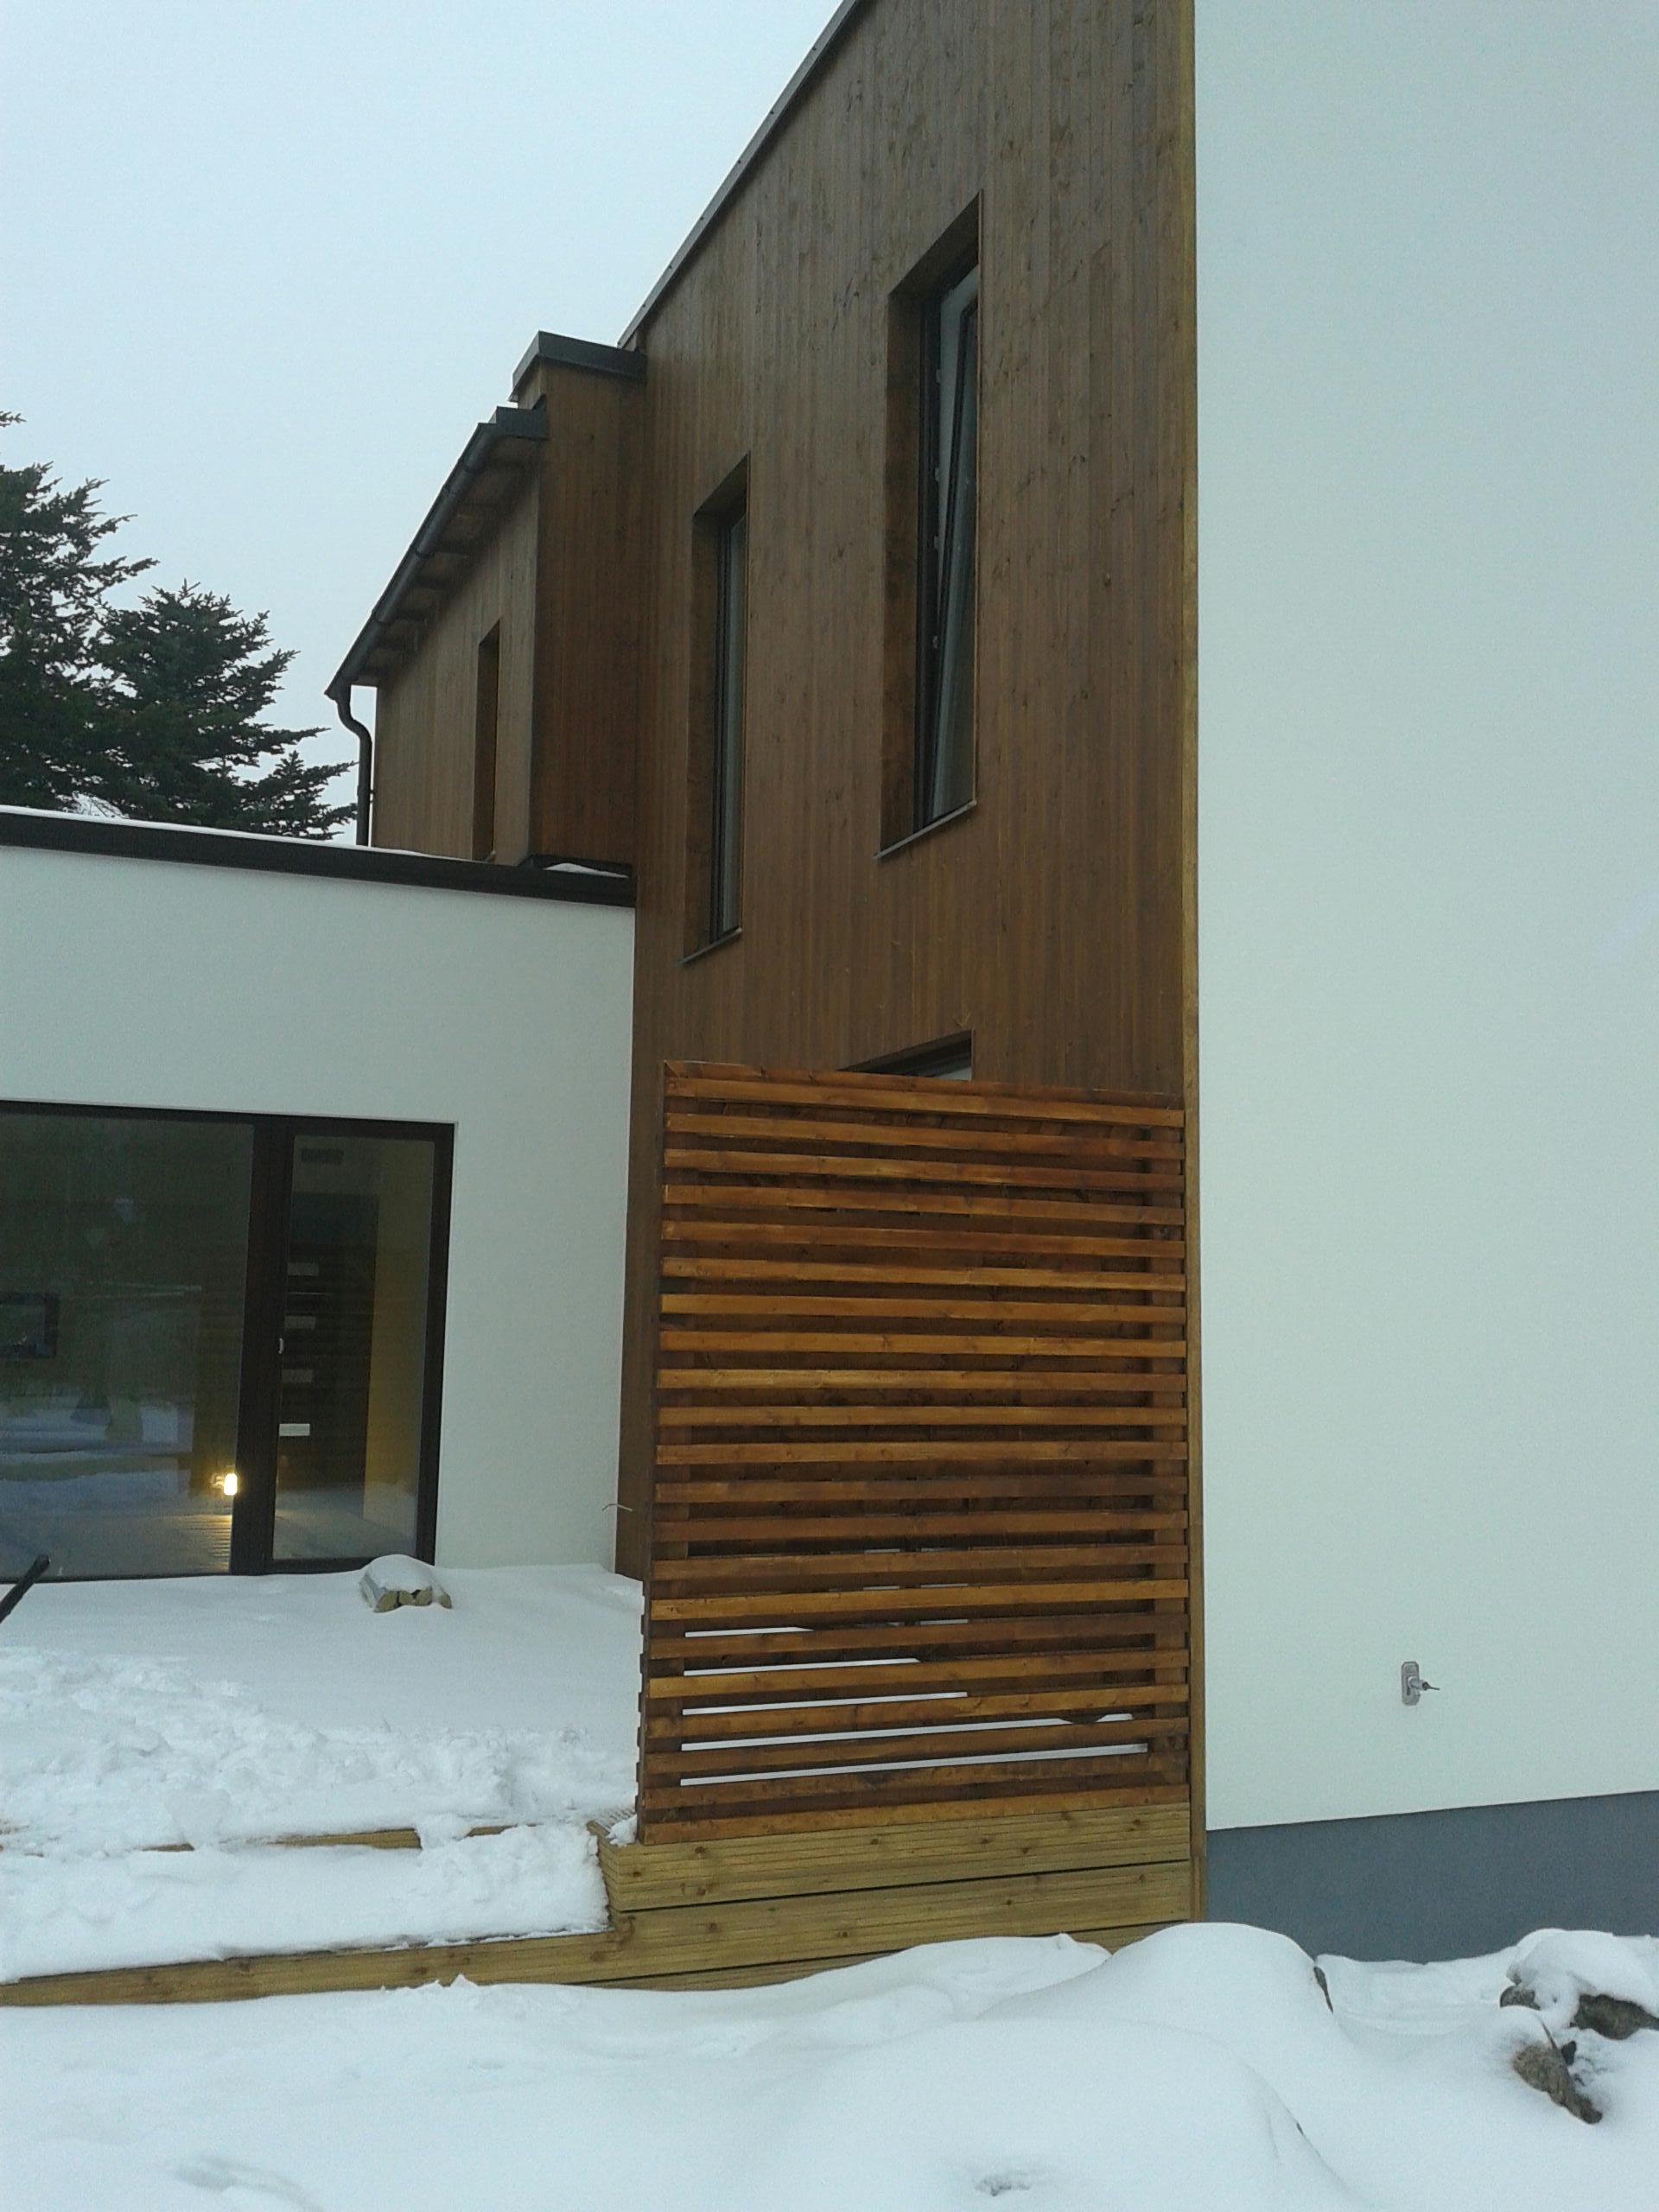 Maja puitfassaad